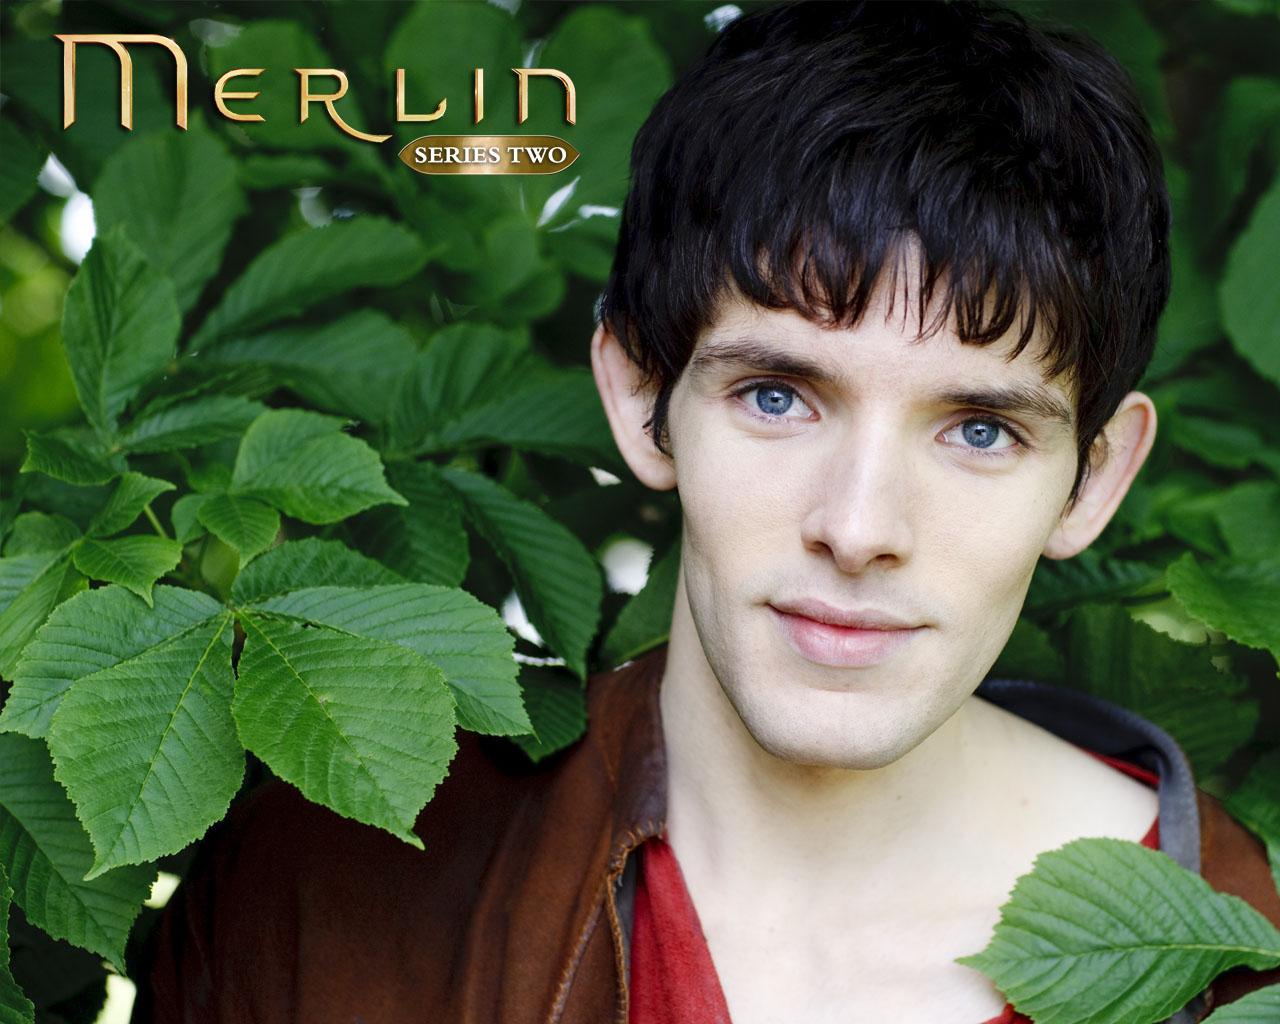 Merlin desktop - Merlin on BBC Wallpaper (33197895) - Fanpop